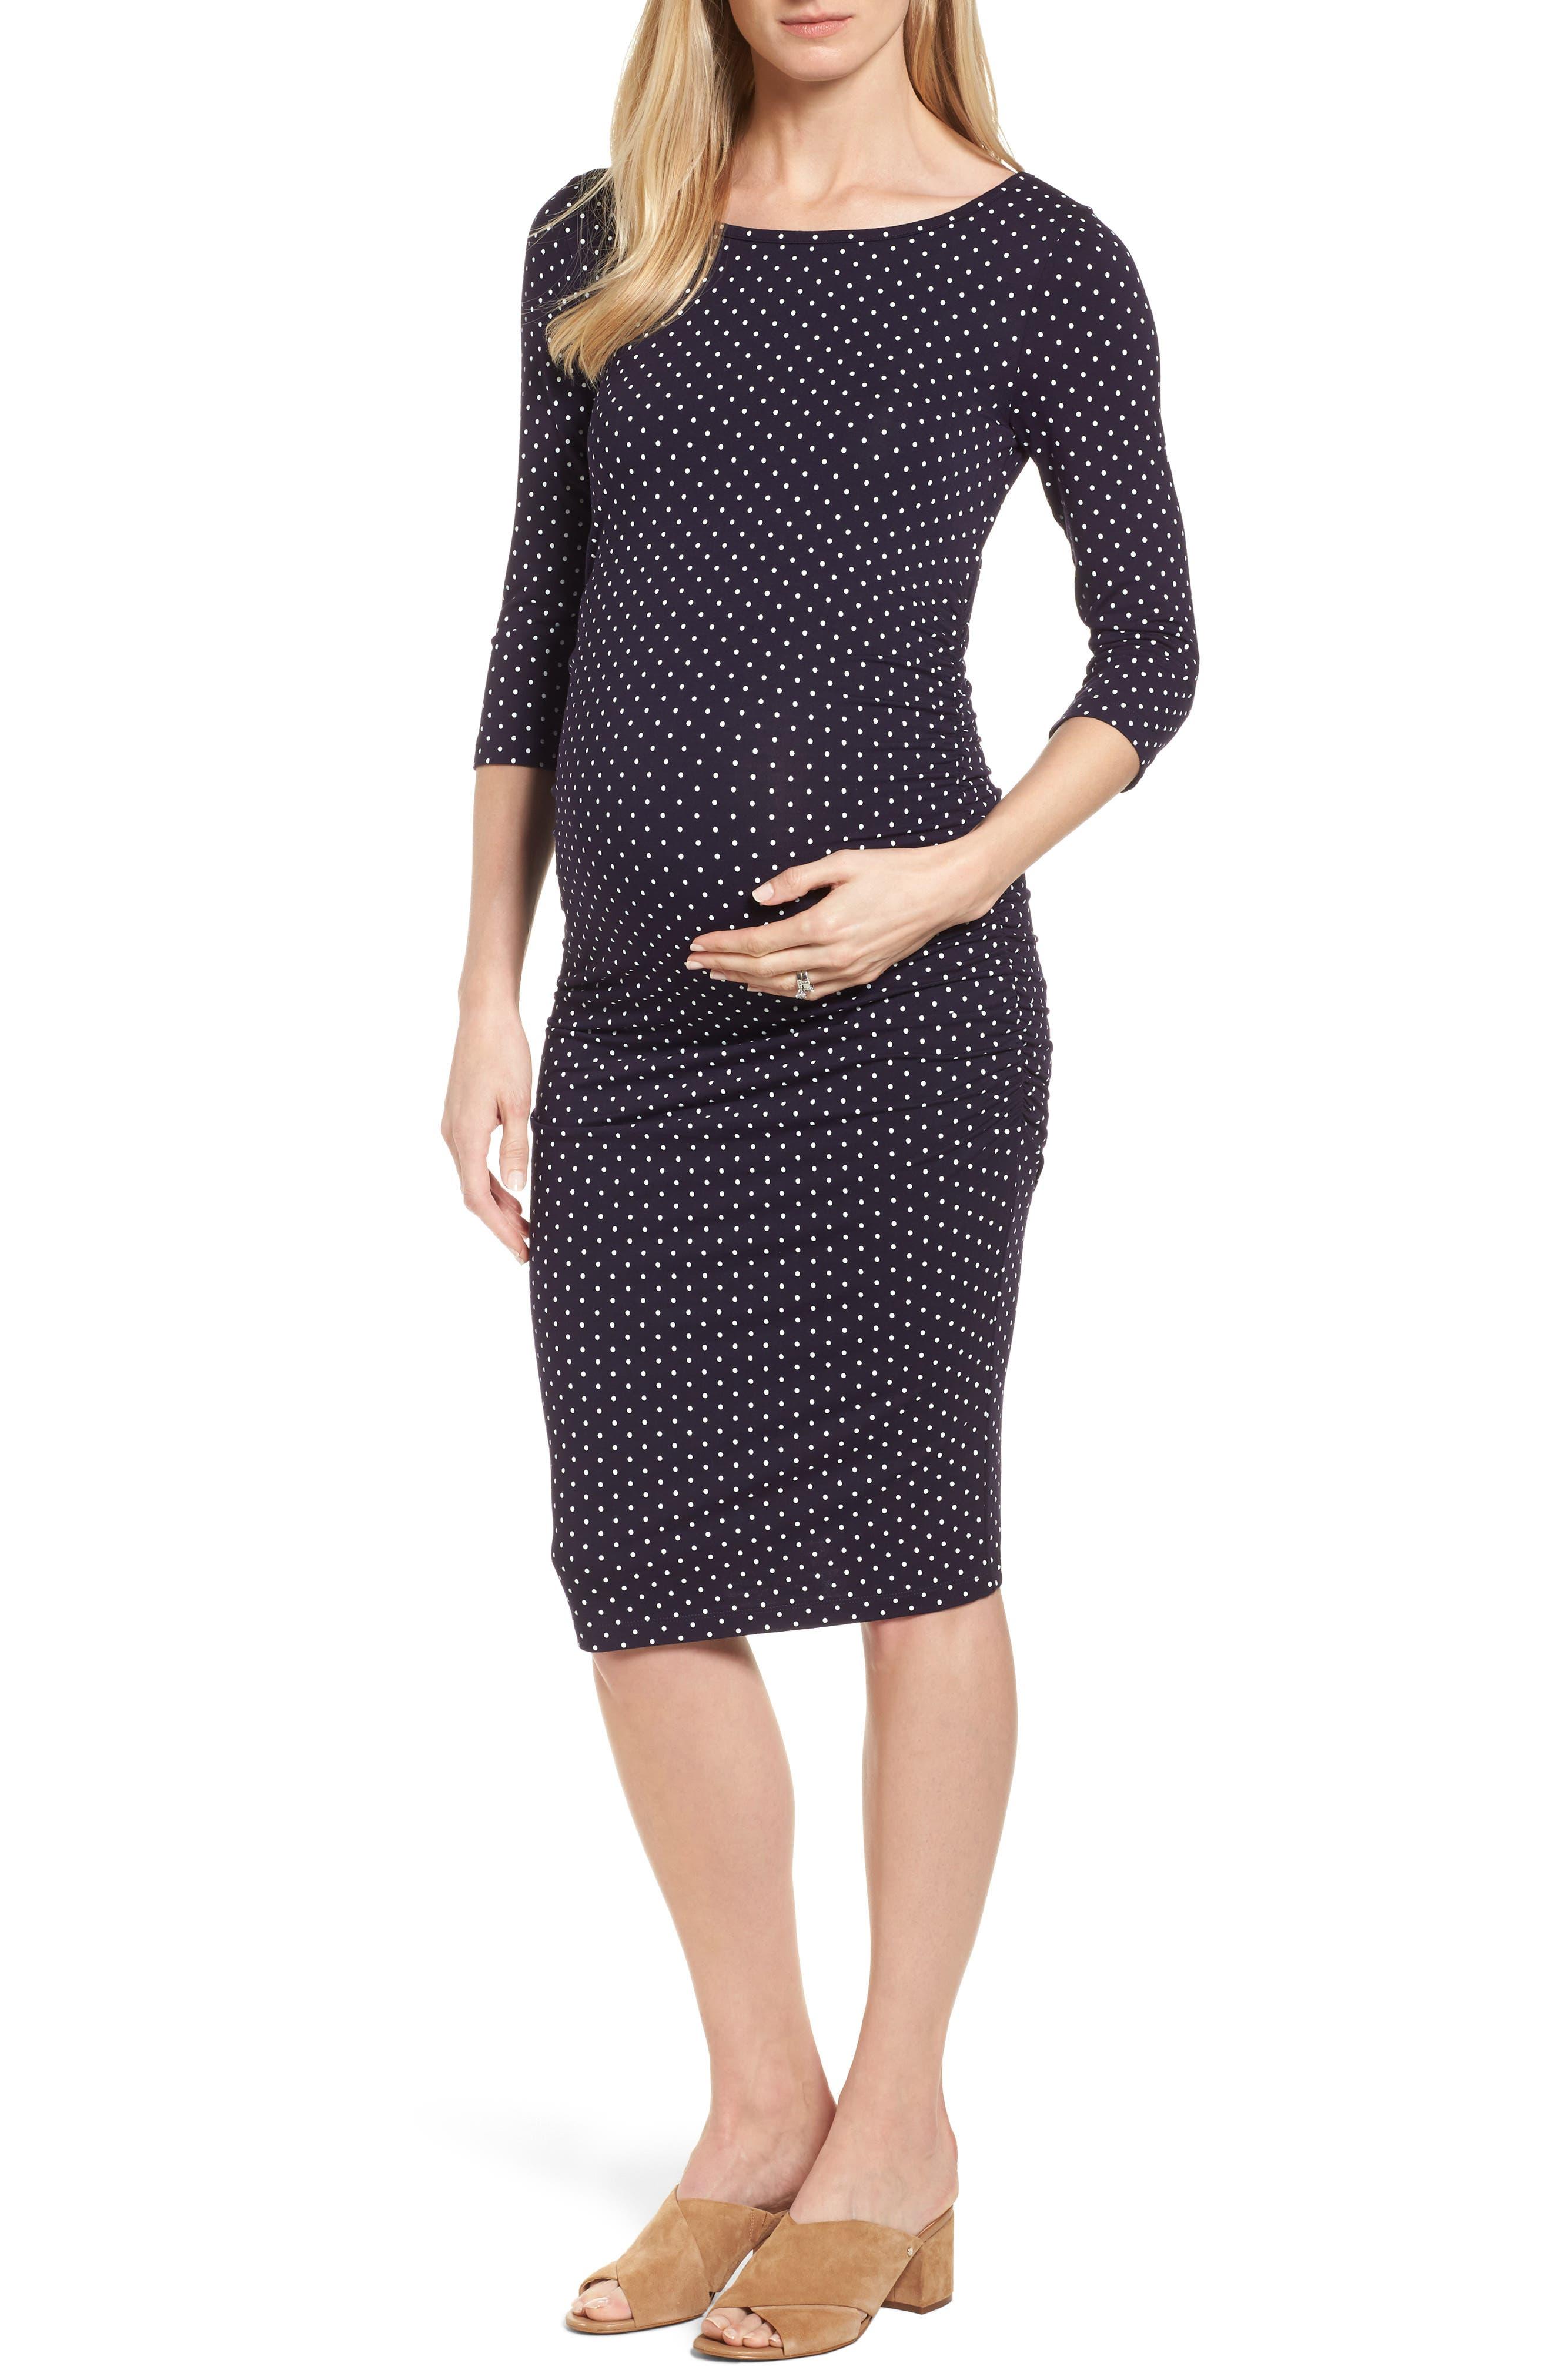 Jennifer Dot Ruched Maternity Dress,                             Main thumbnail 1, color,                             NAVY POLKA PRINT